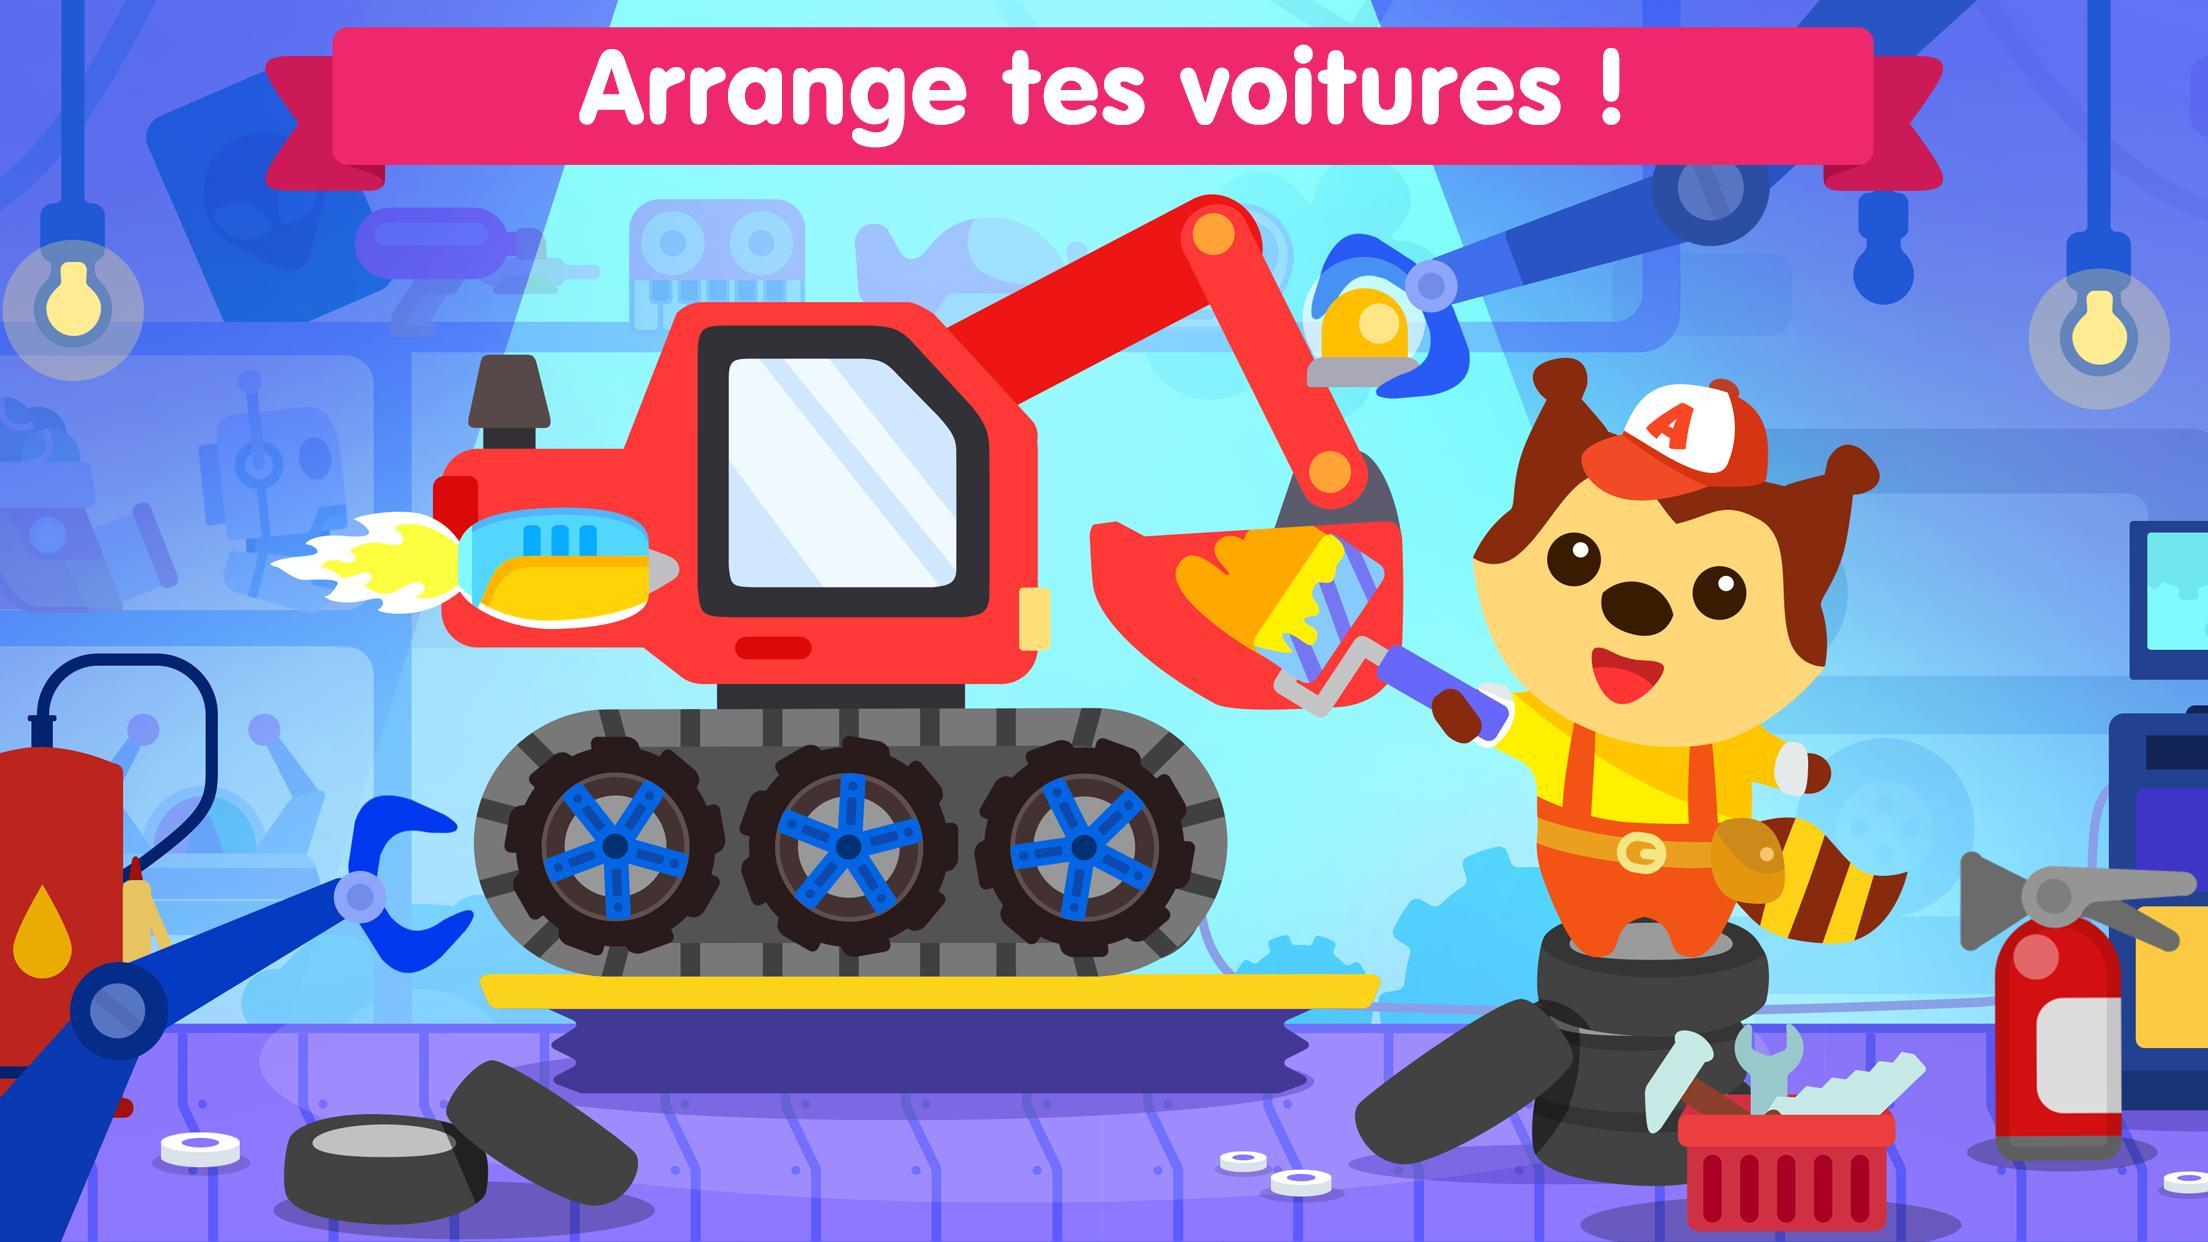 Jeu De Voiture Pour Les Bébés Et Enfants 3 Ans Pour Android encequiconcerne Jeux Pour Enfant De 3 Ans